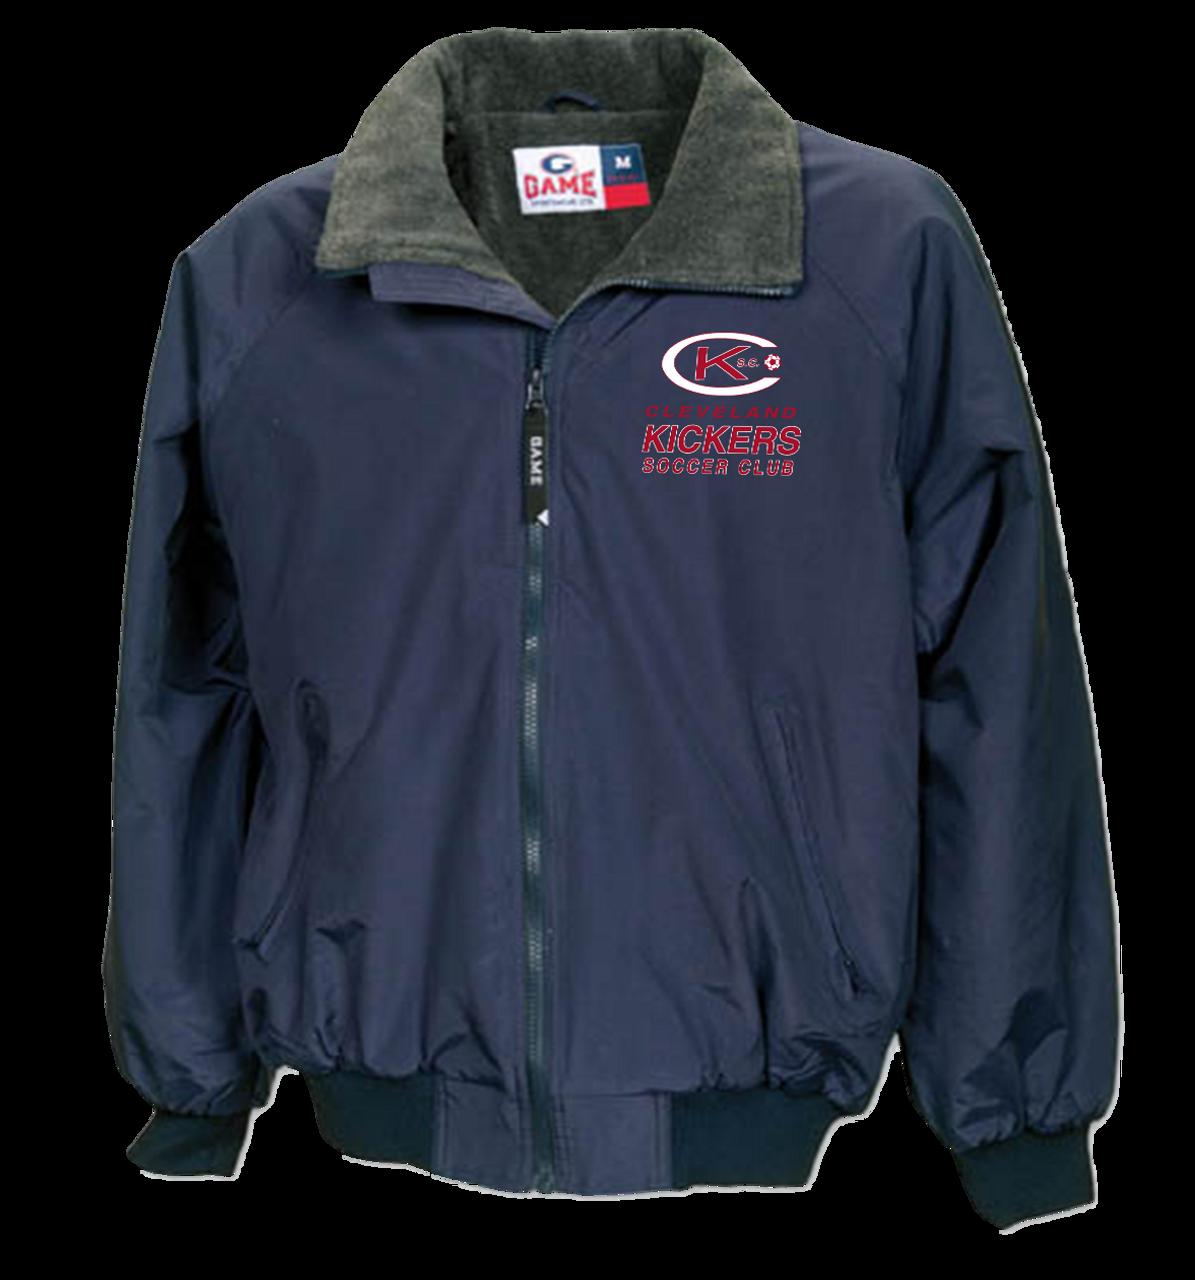 Cleveland Kickers 3 Season Jacket (RYCO63)